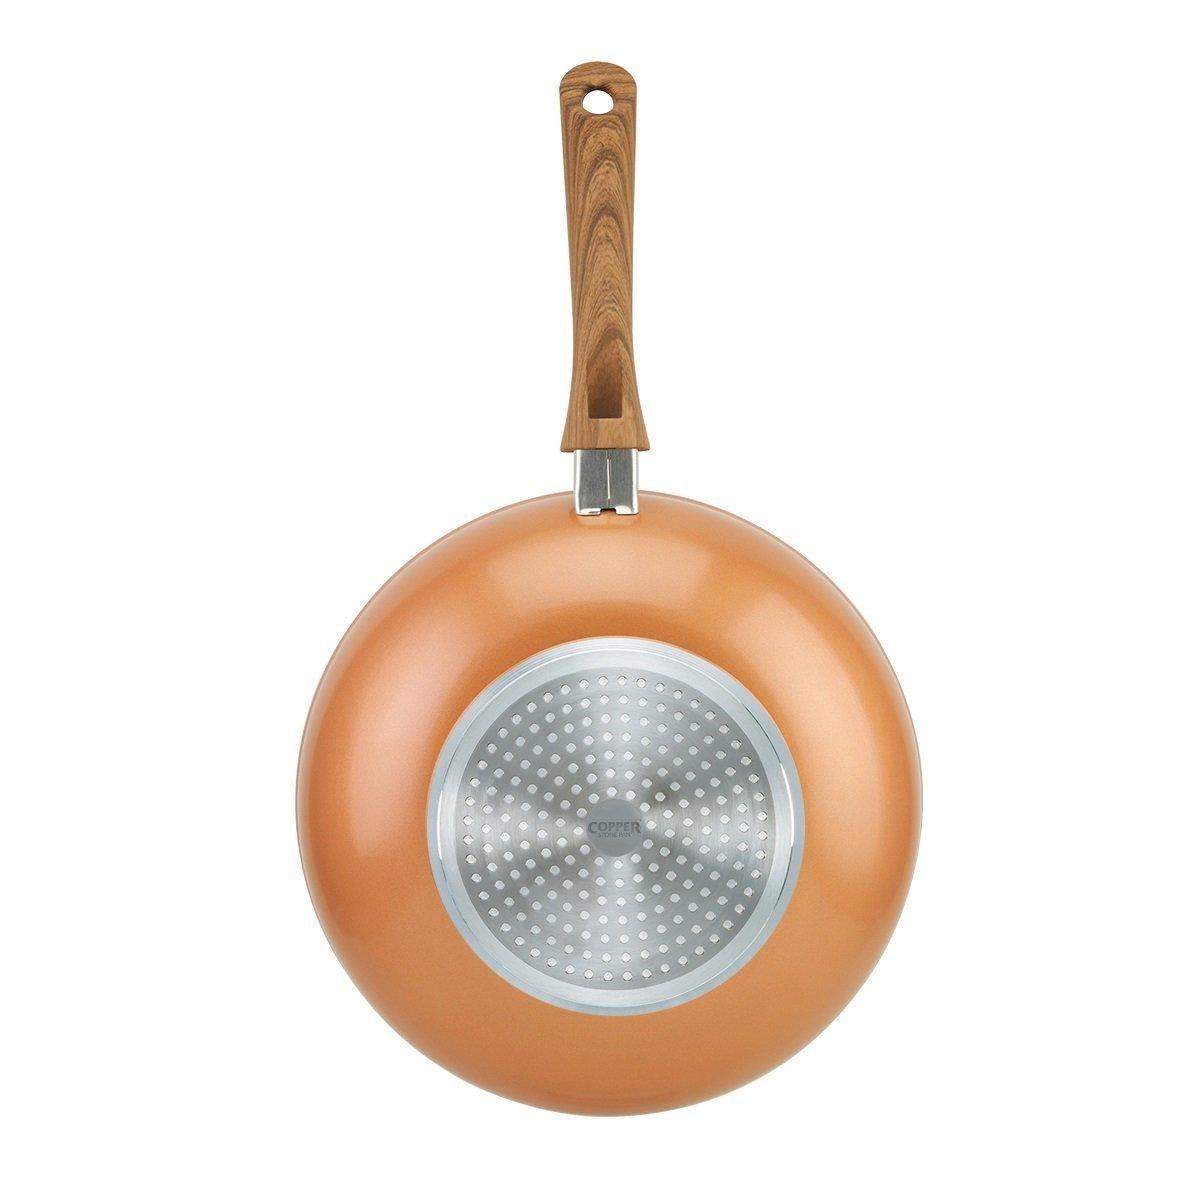 Sartenes Copper Stone de JML, 28 cm, un wok en el que la intensidad ...